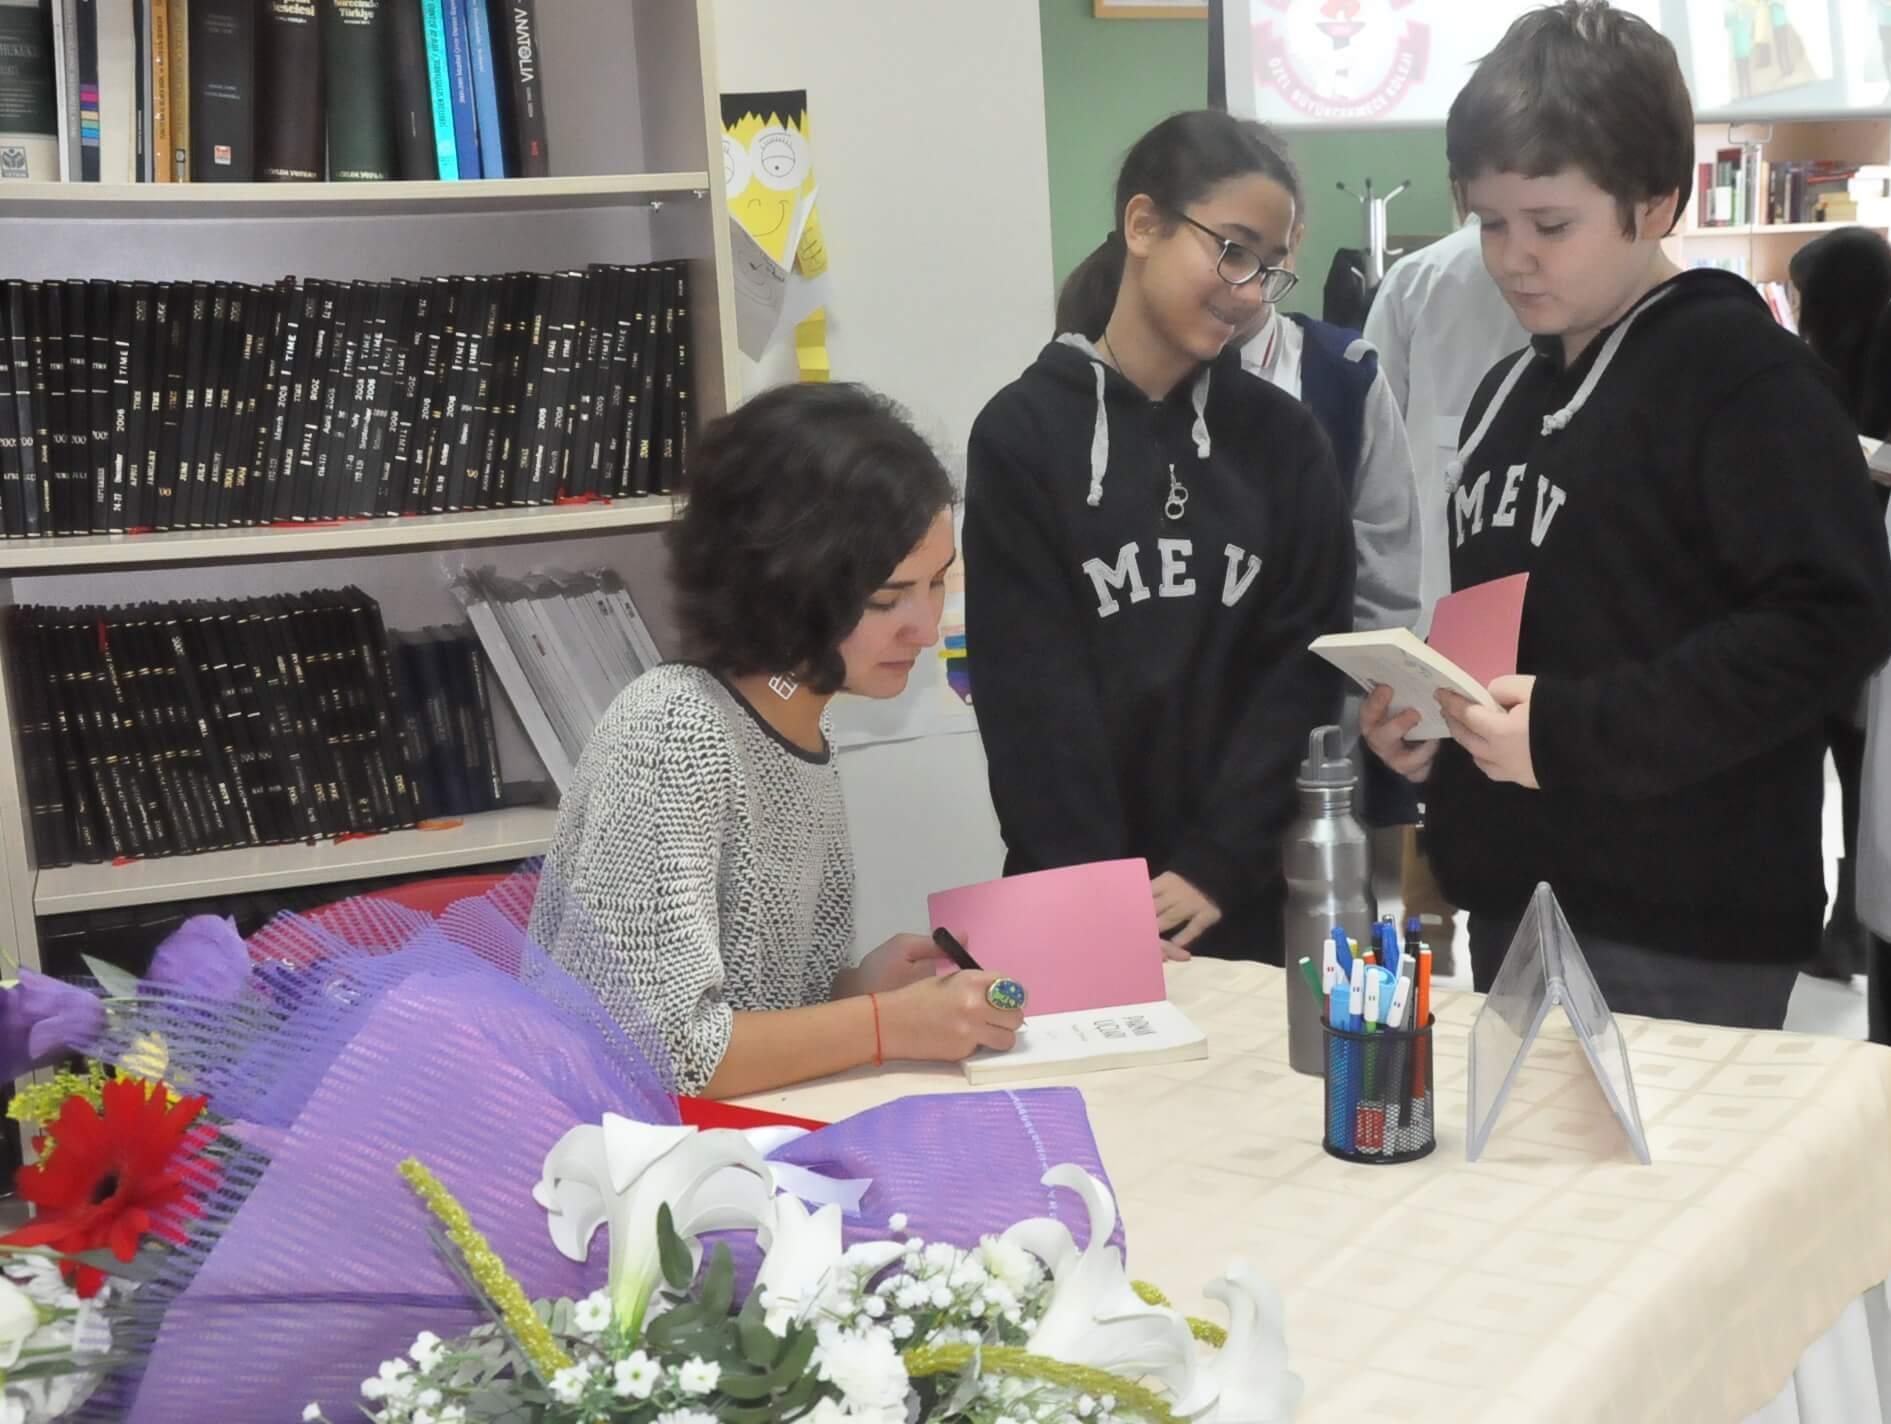 """""""Kültür ve Sanat Haftası"""" Etkinlikleri Kapsamında 7. Sınıf Öğrencilerimiz Genç Yazar Seran Demiral ile Buluştular"""